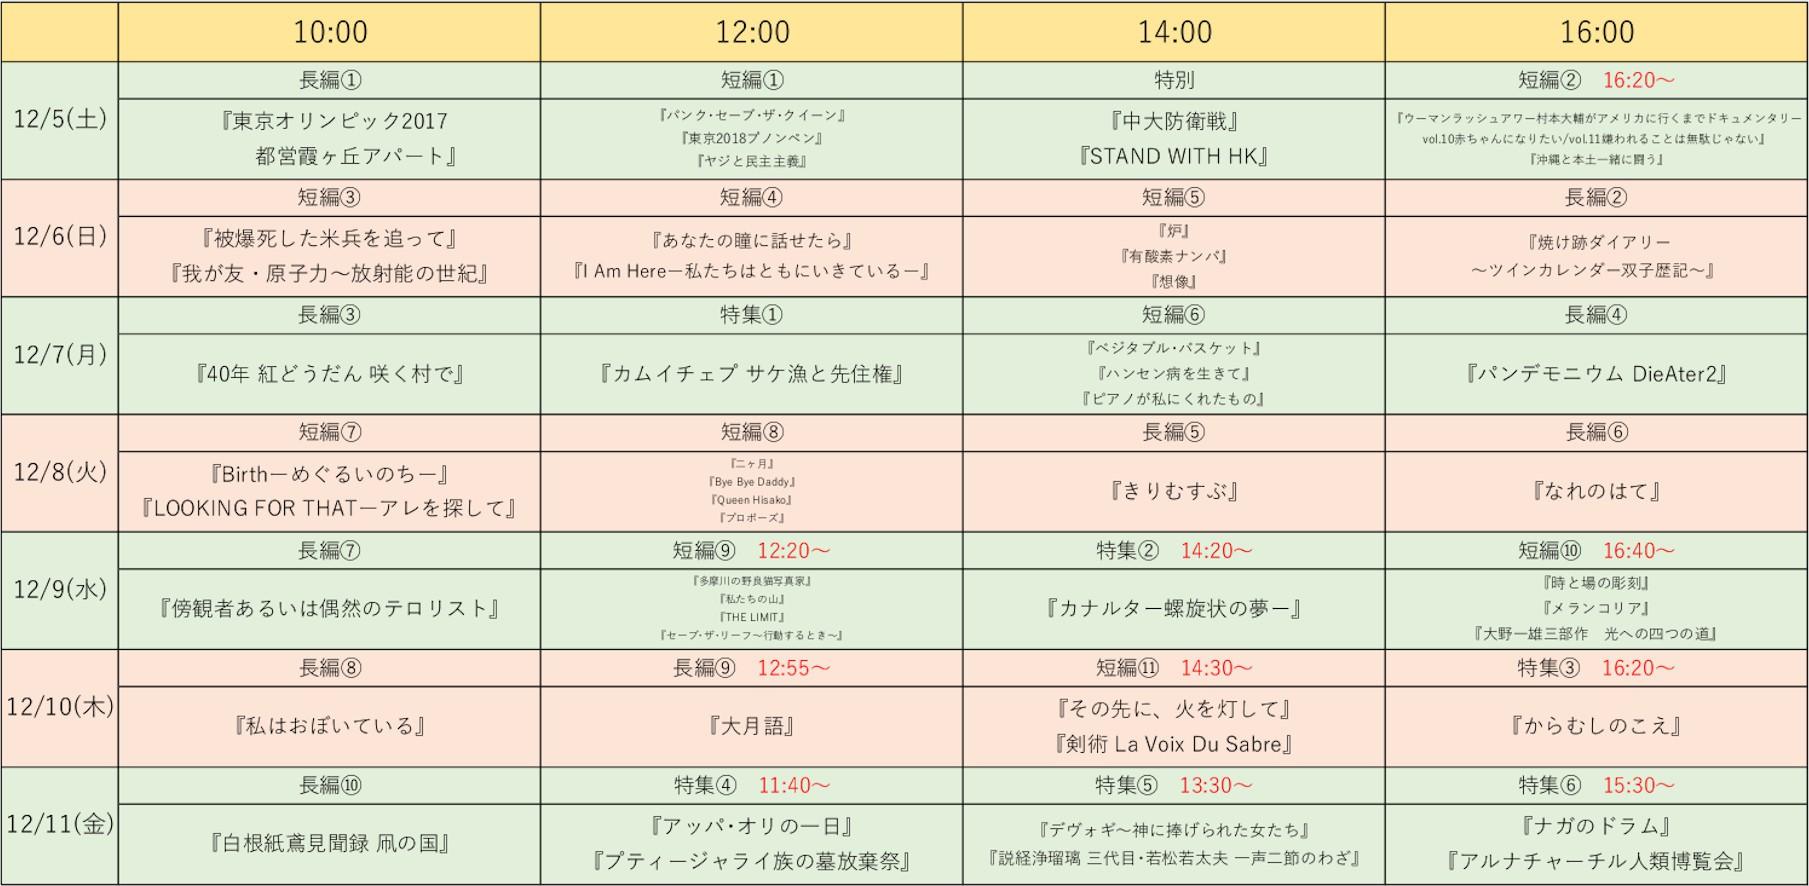 東京ドキュメンタリー2020タイムテーブル2